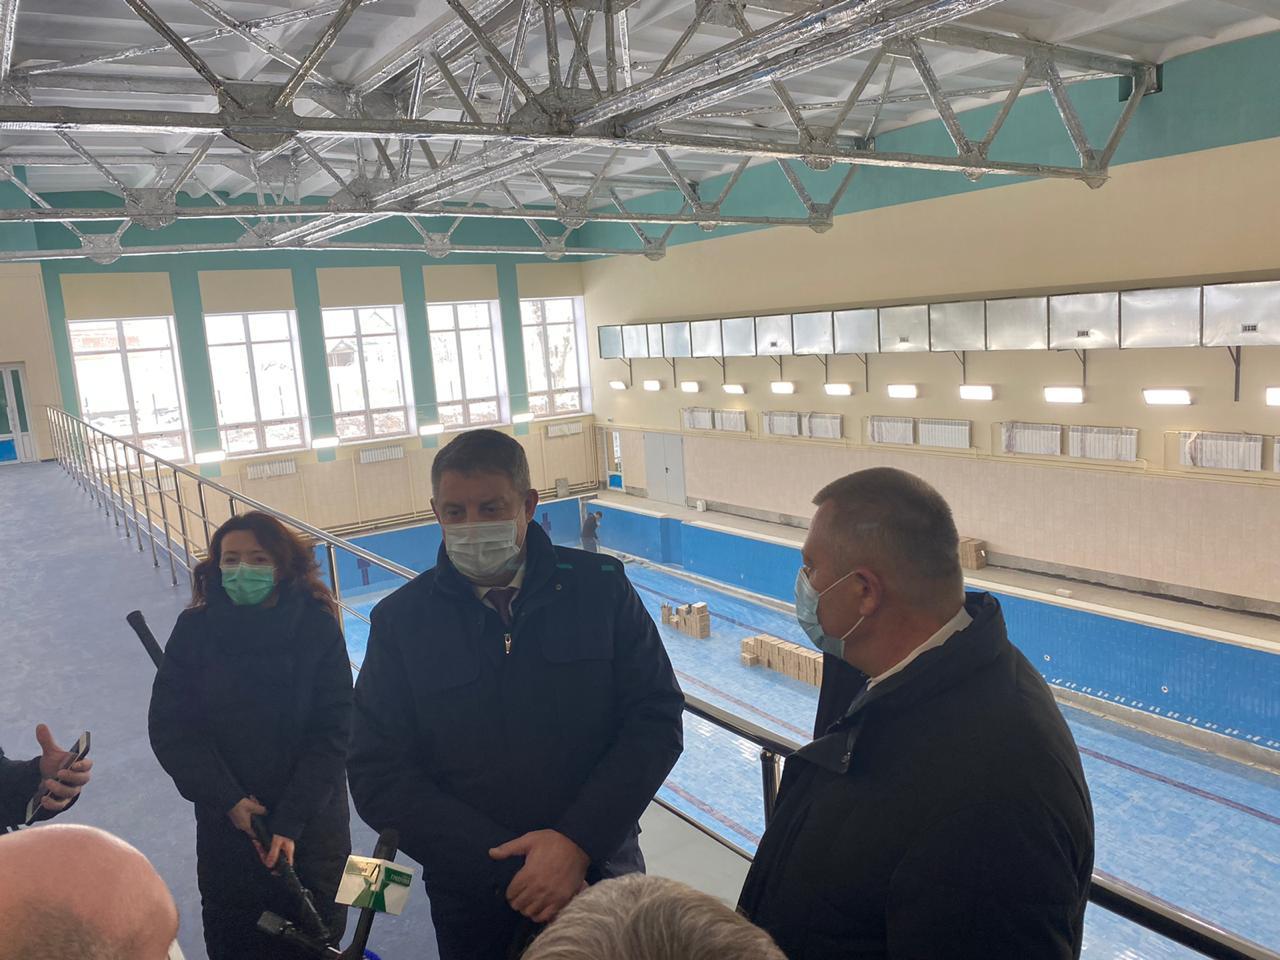 До конца года откроется спорткомплекс с бассейнами в Дятьково